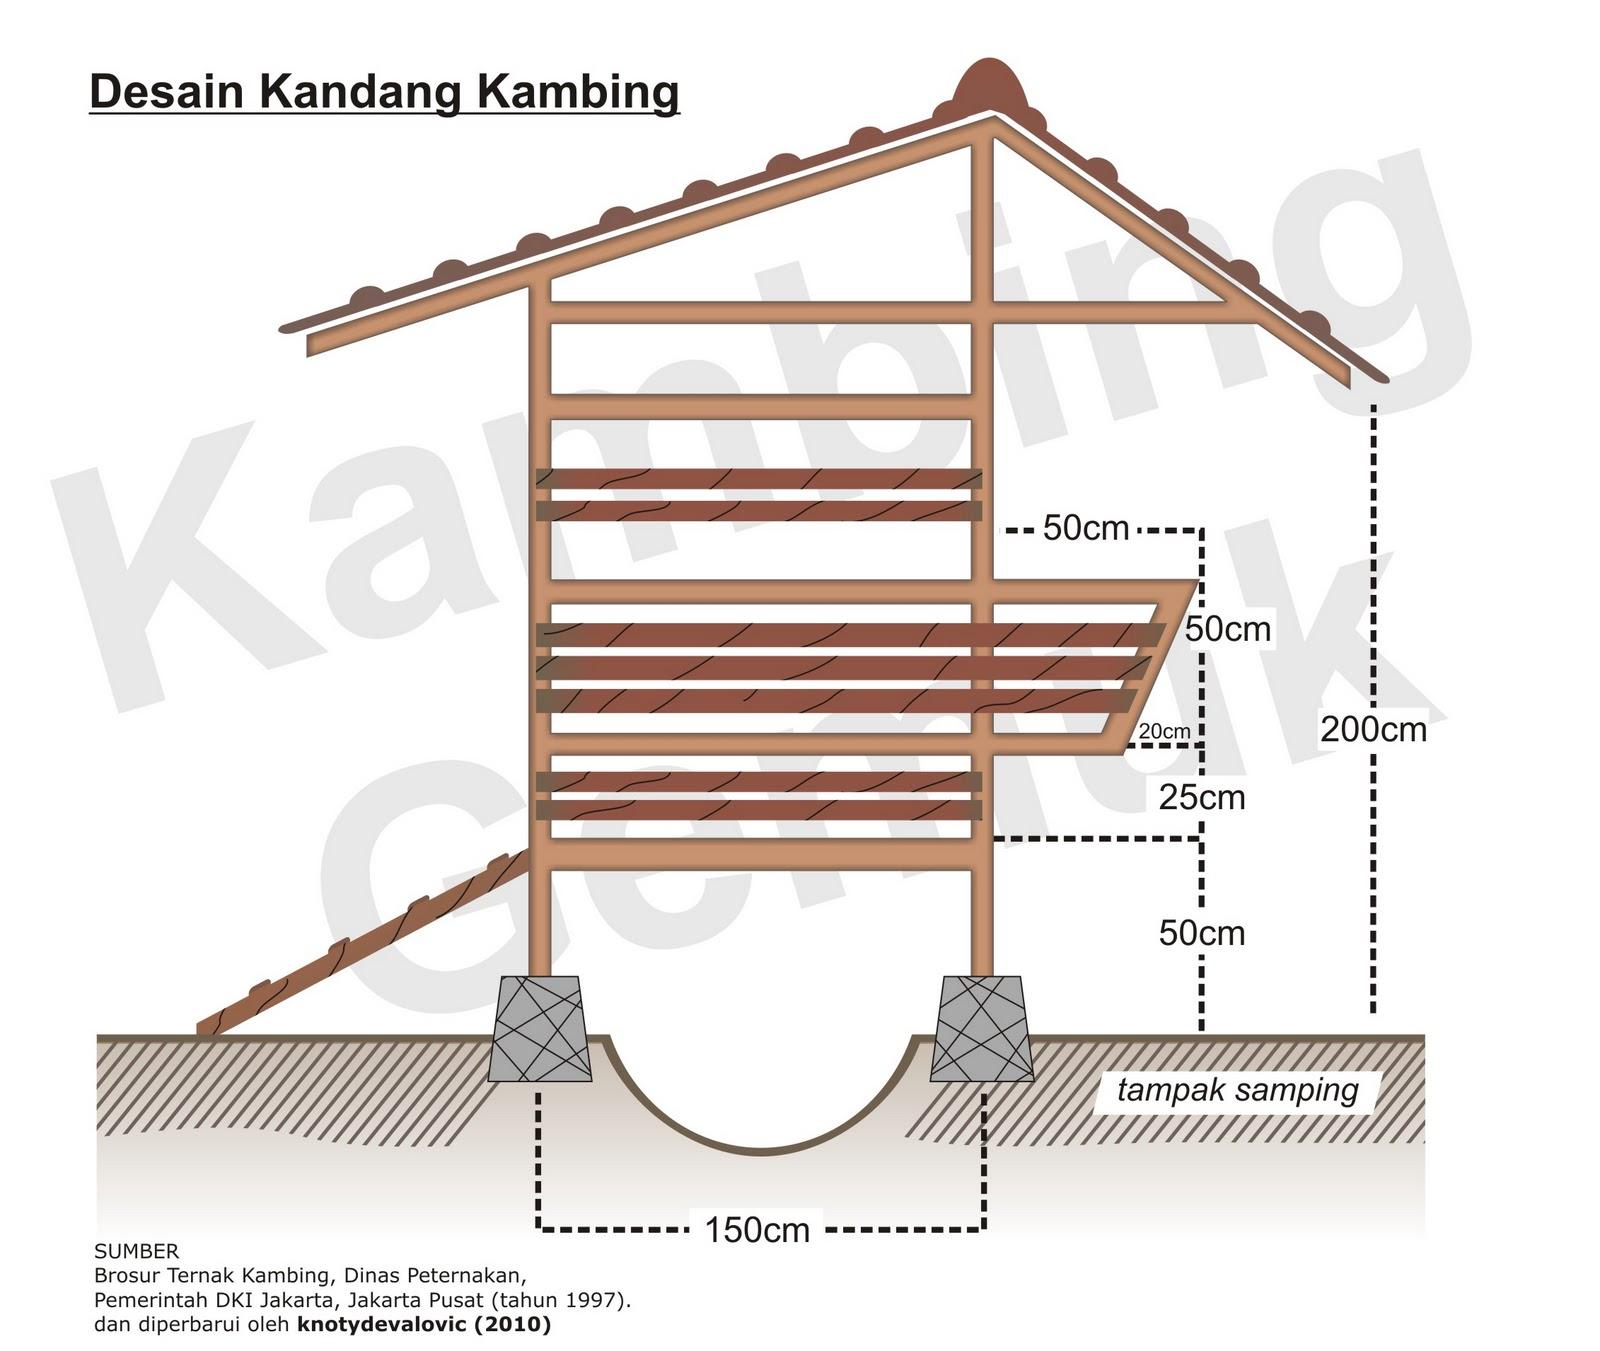 kambinghcs: METODE TERNAK KAMBING